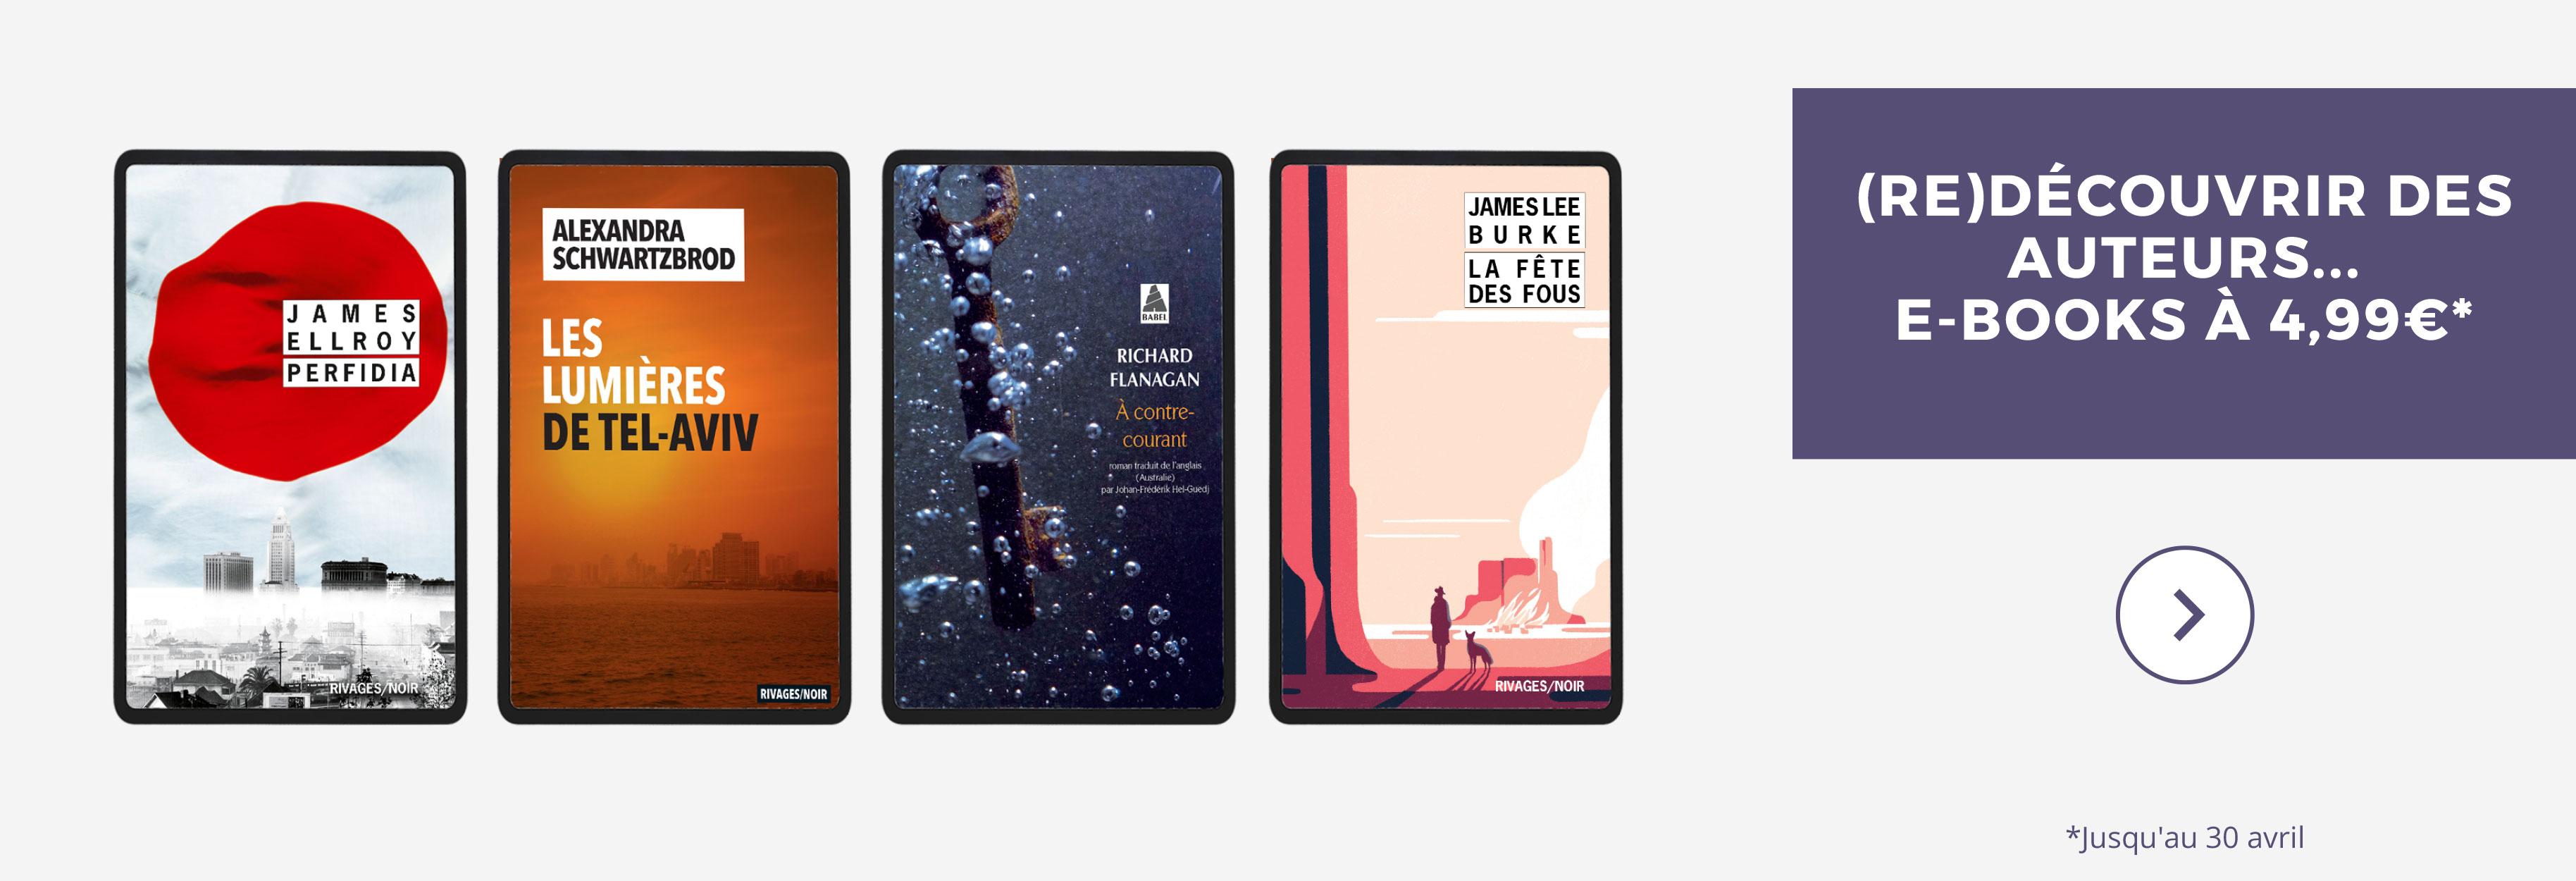 (Re)découvrir des auteurs, e-books à 4,99 €